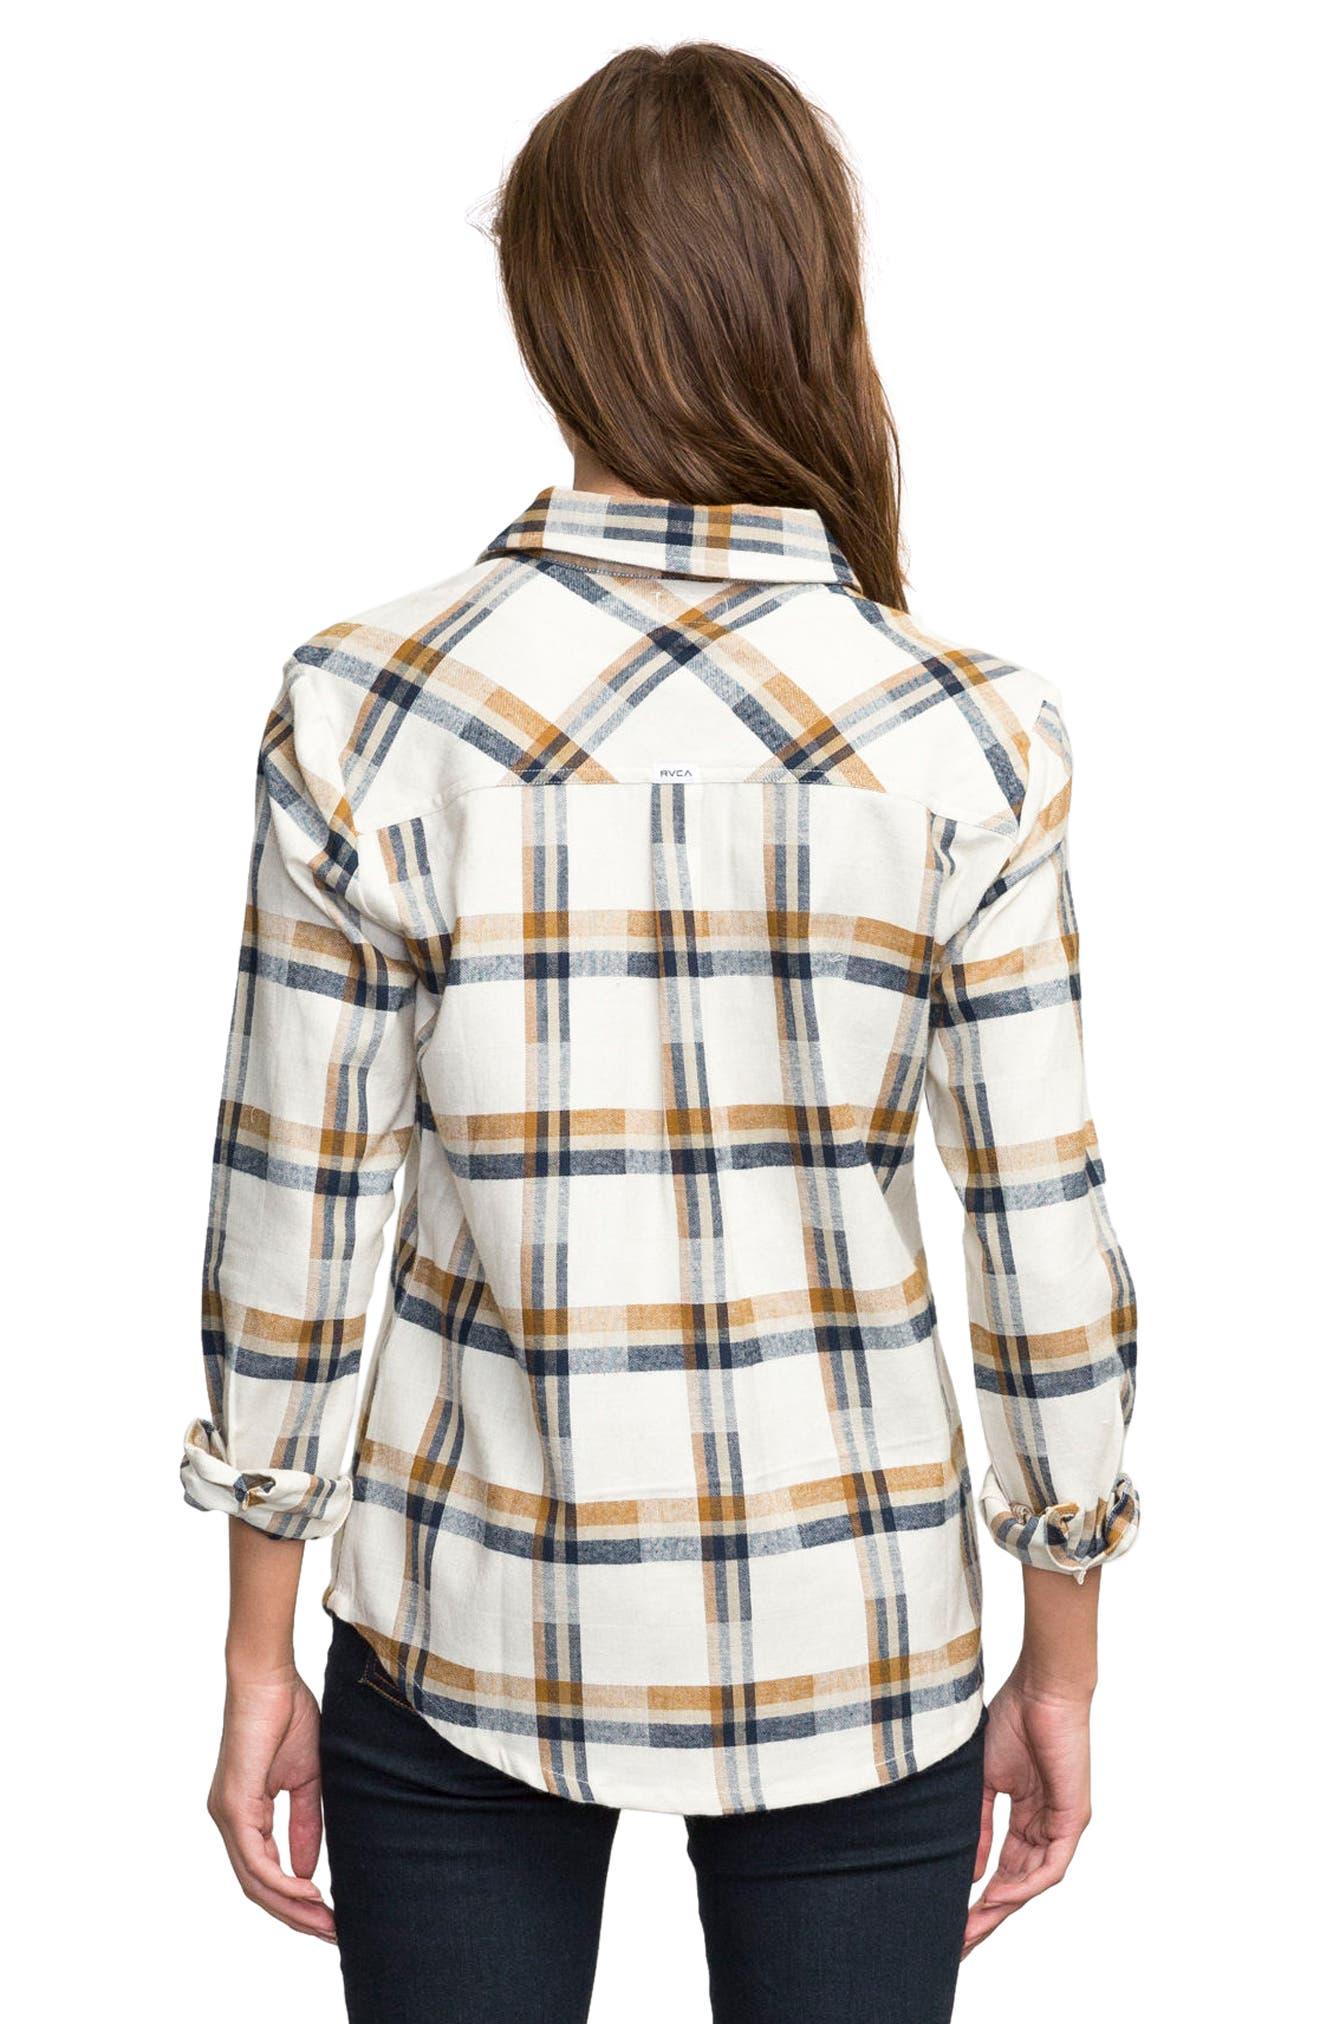 Plaid Flannel Shirt,                             Alternate thumbnail 2, color,                             Slb - Silver Bleach